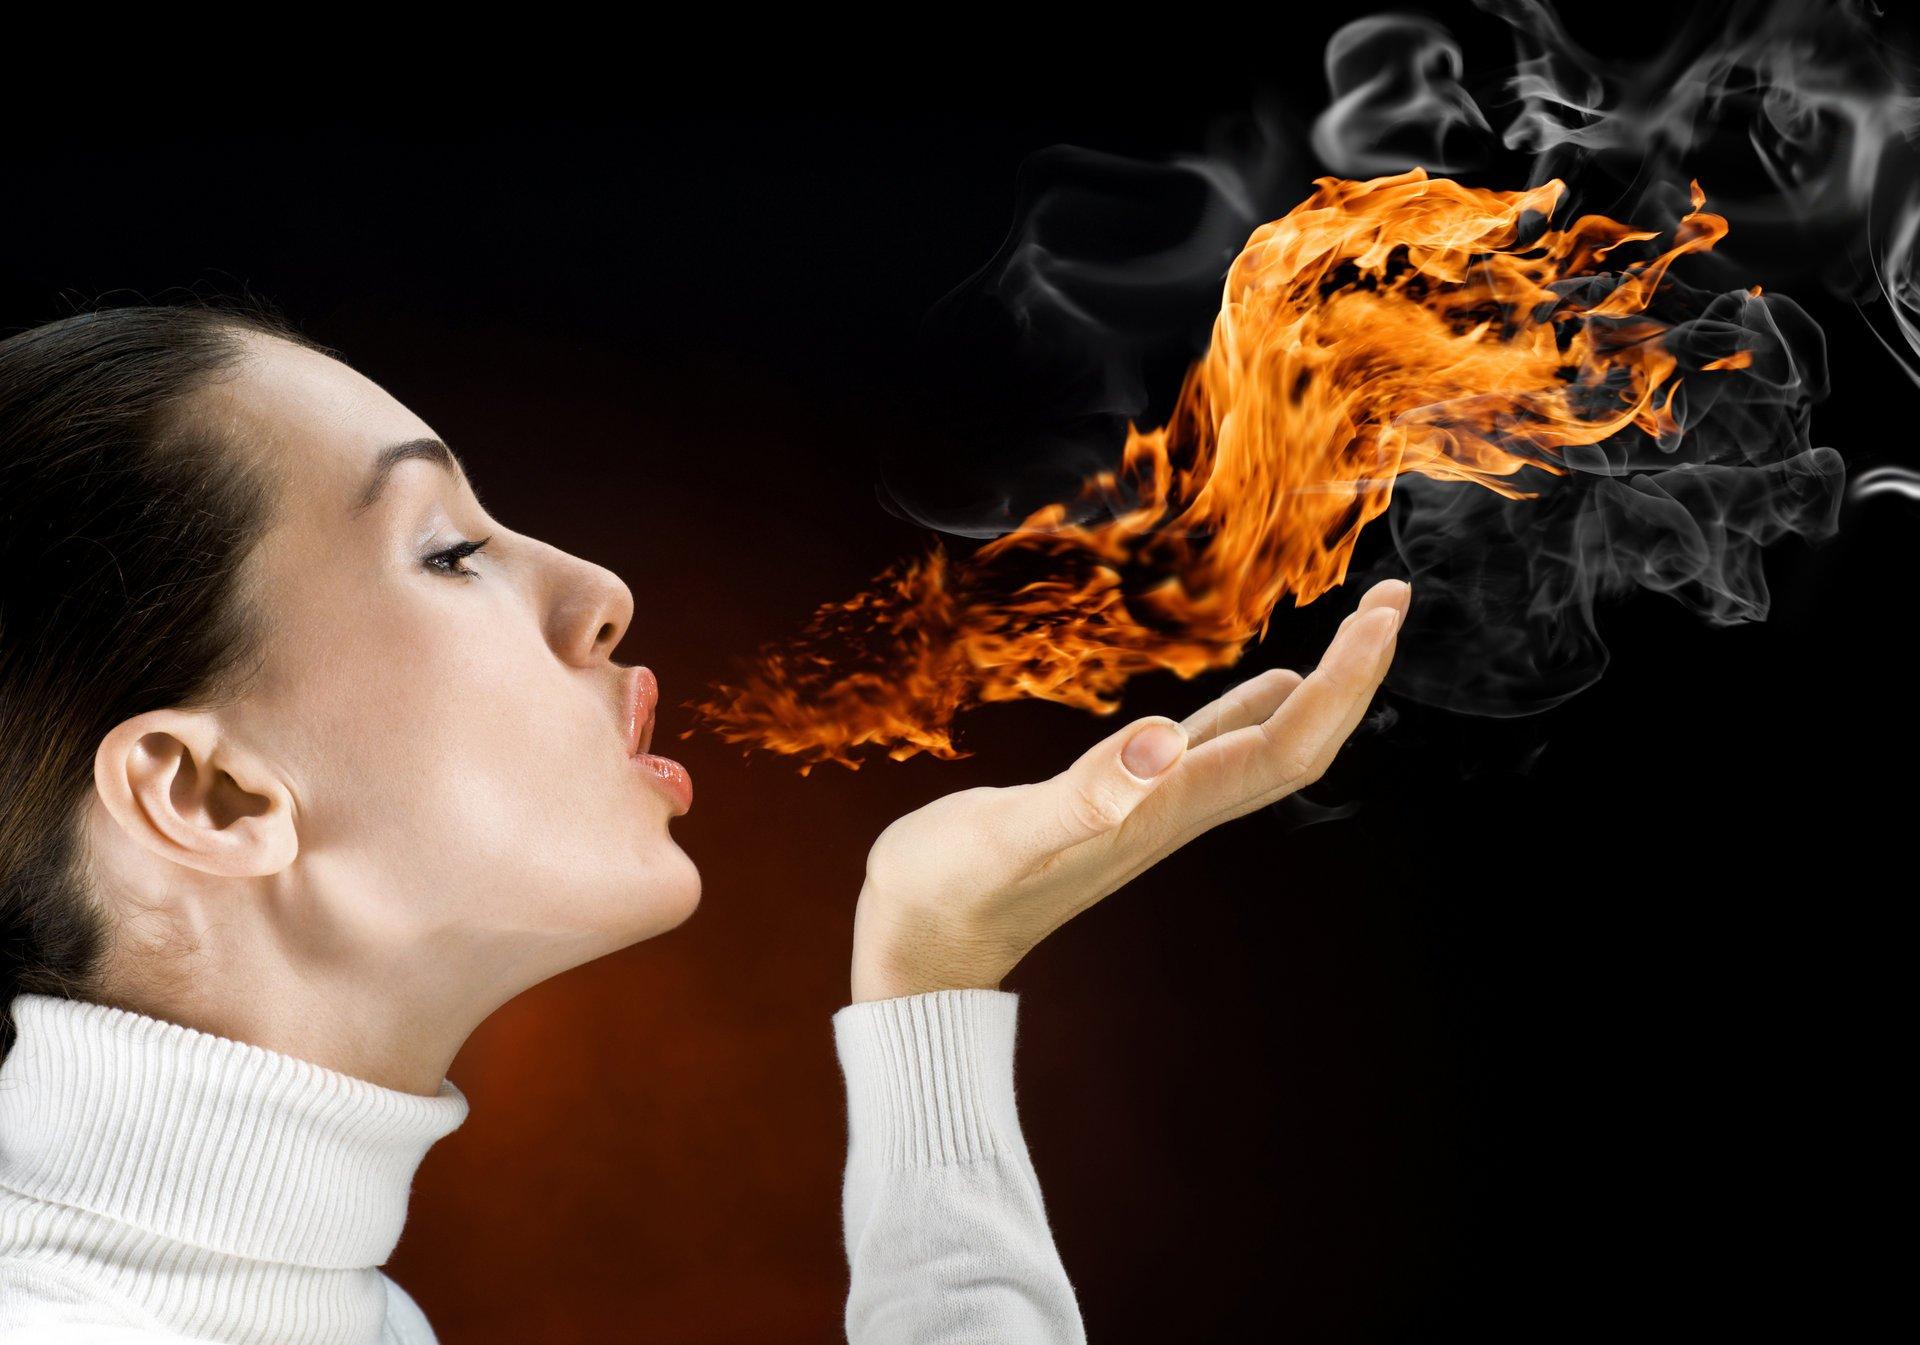 Чего помогает от изжоги в домашних условиях